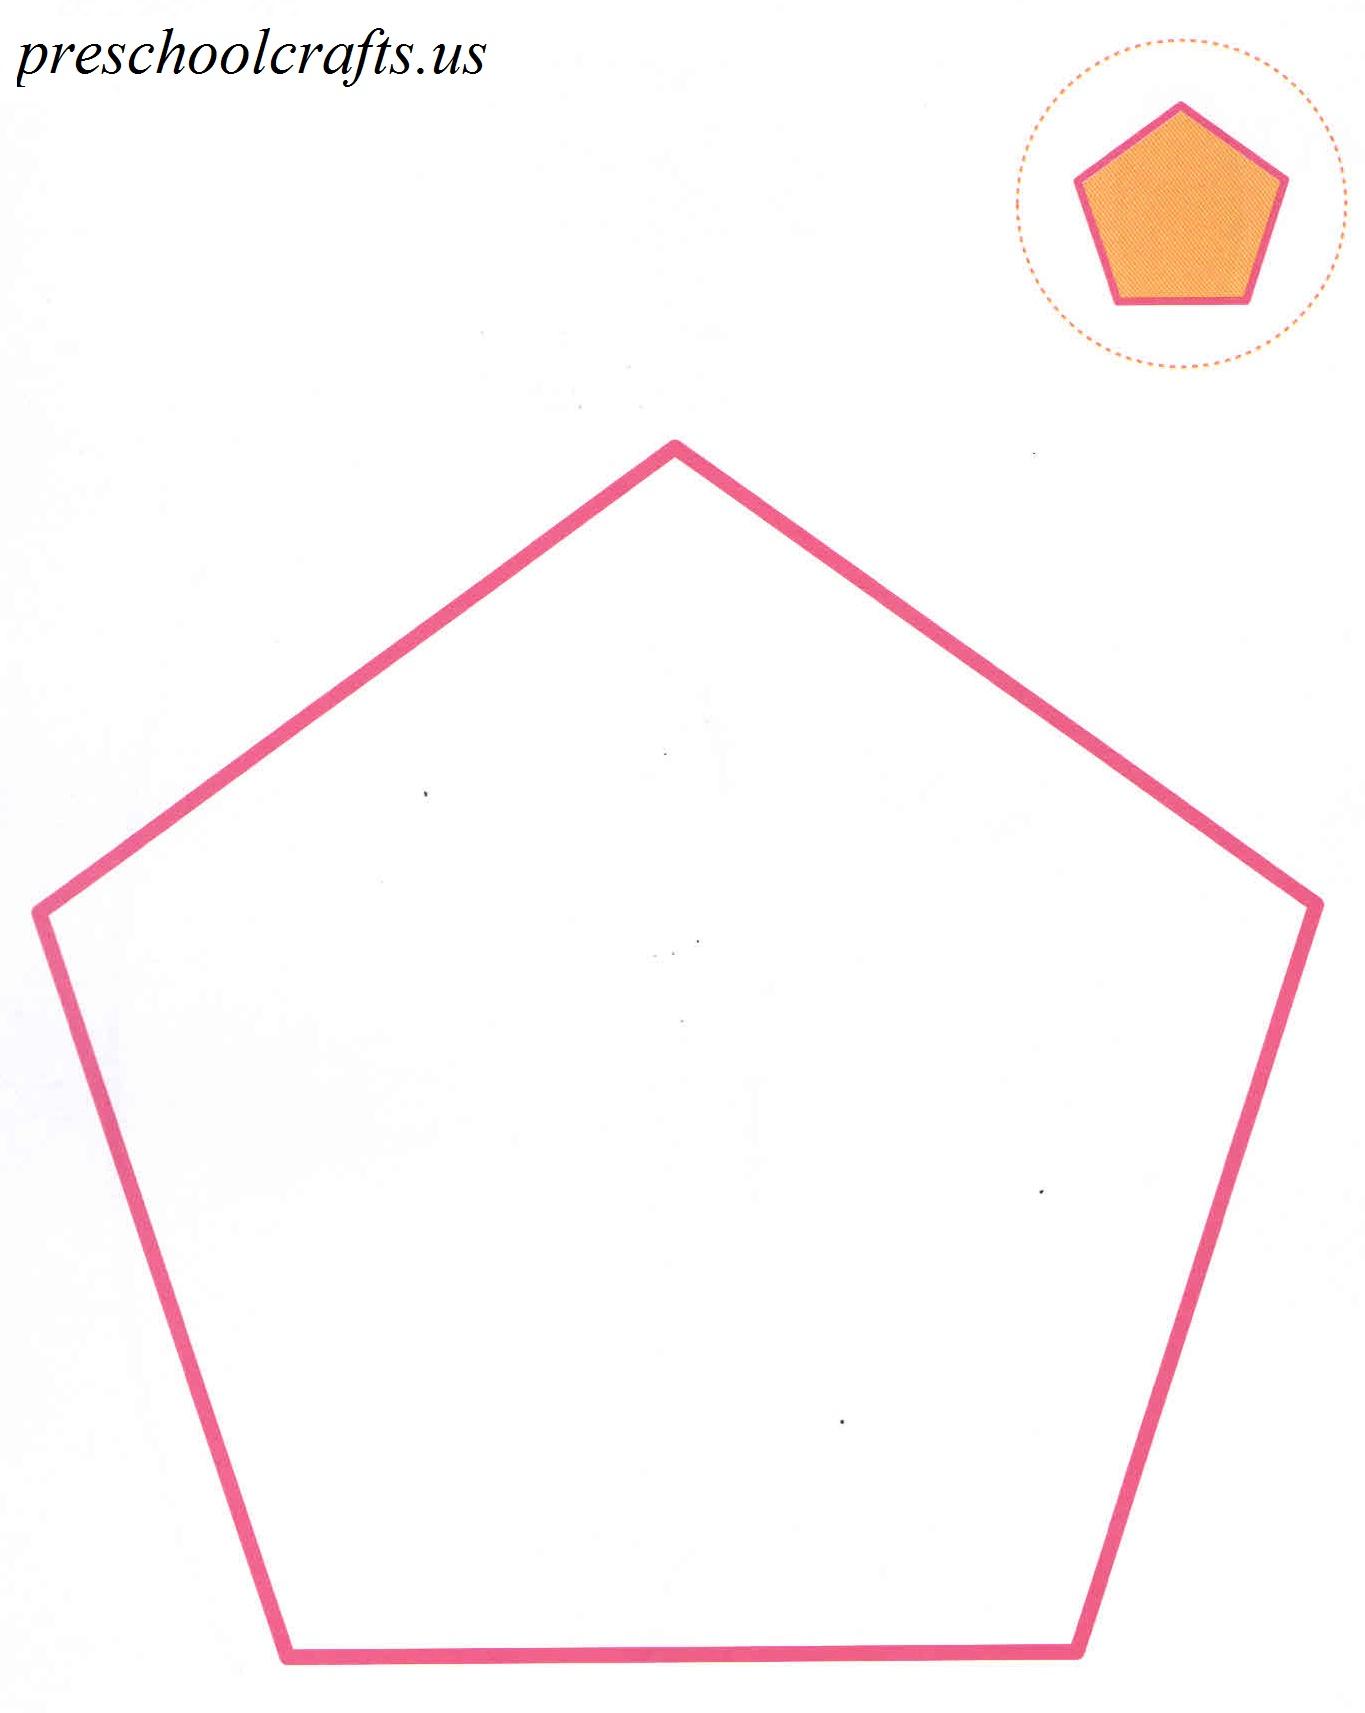 pentagon coloring page preschool crafts